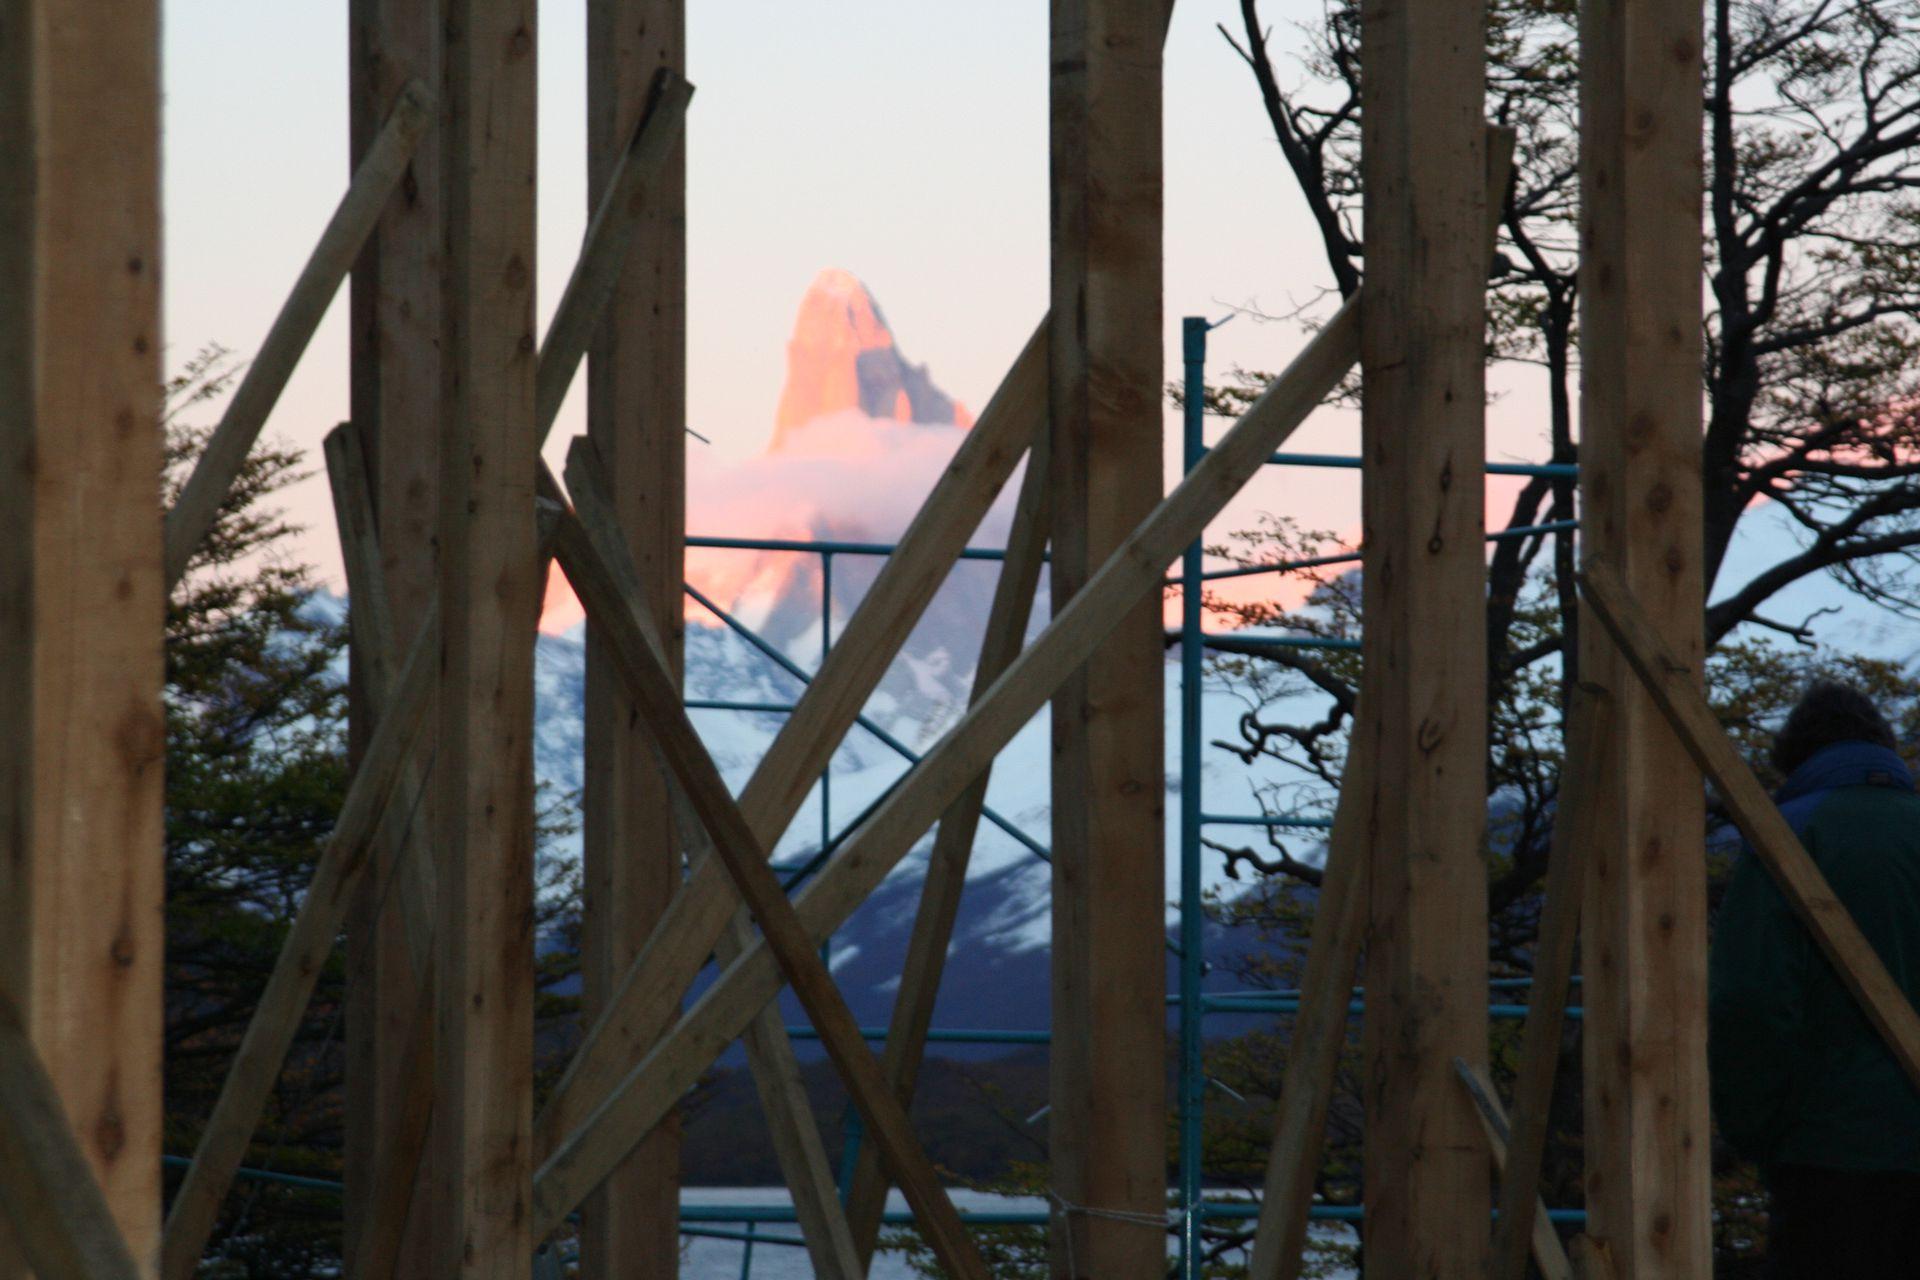 La cara norte del Fitz Roy vista desde la casa en construcción.